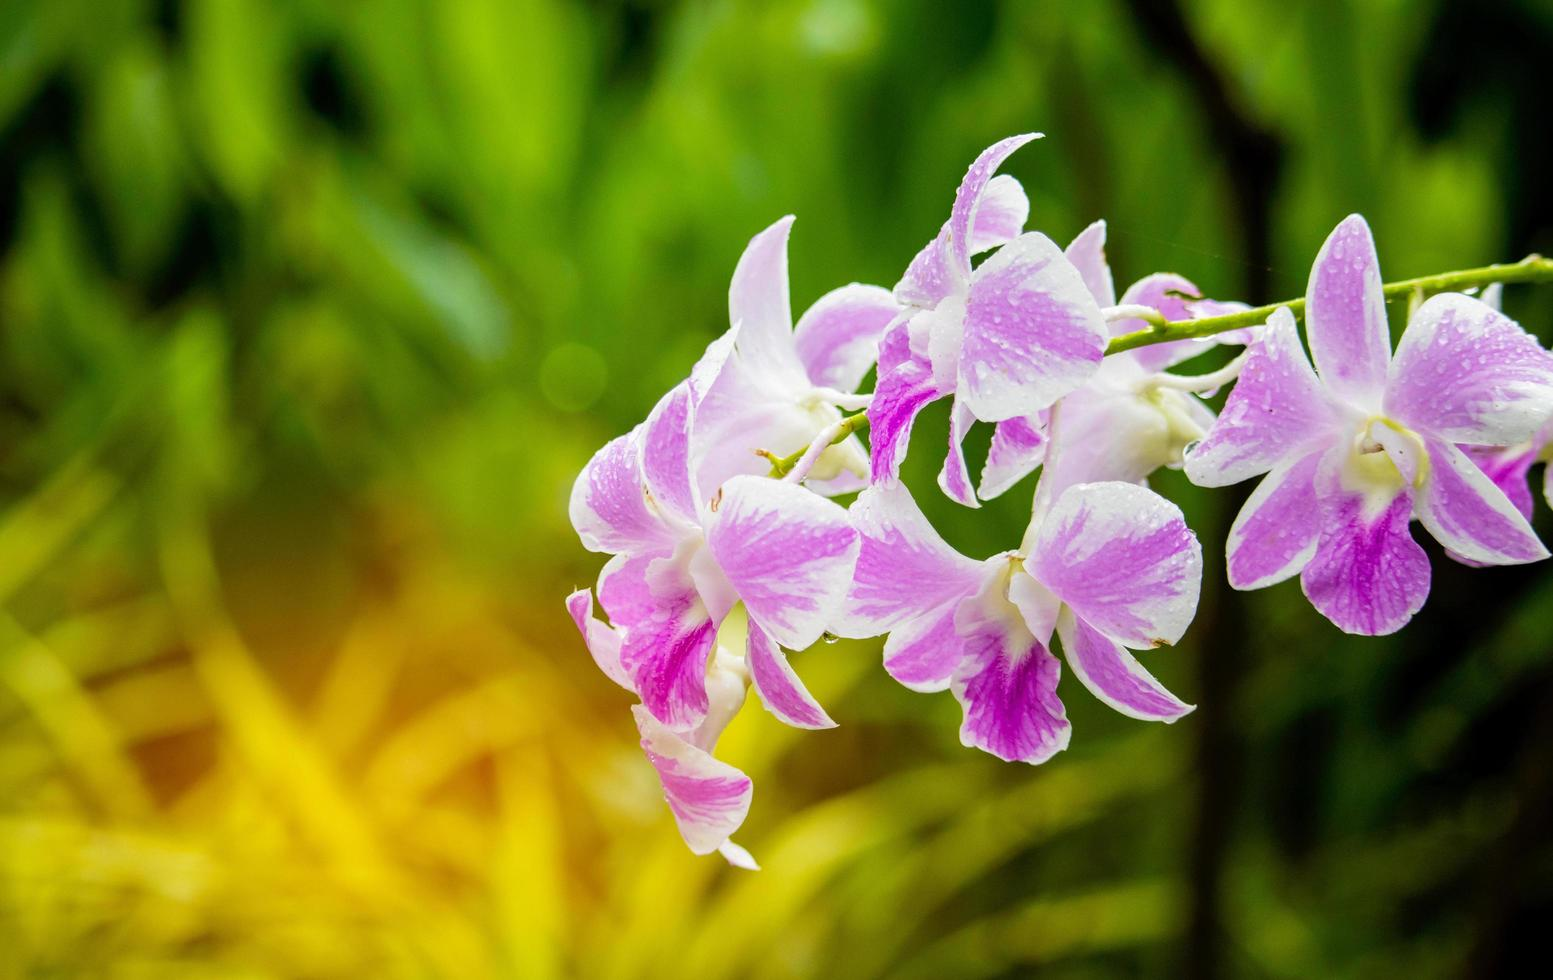 orkidéer som blommar på en grön naturlig bakgrund foto